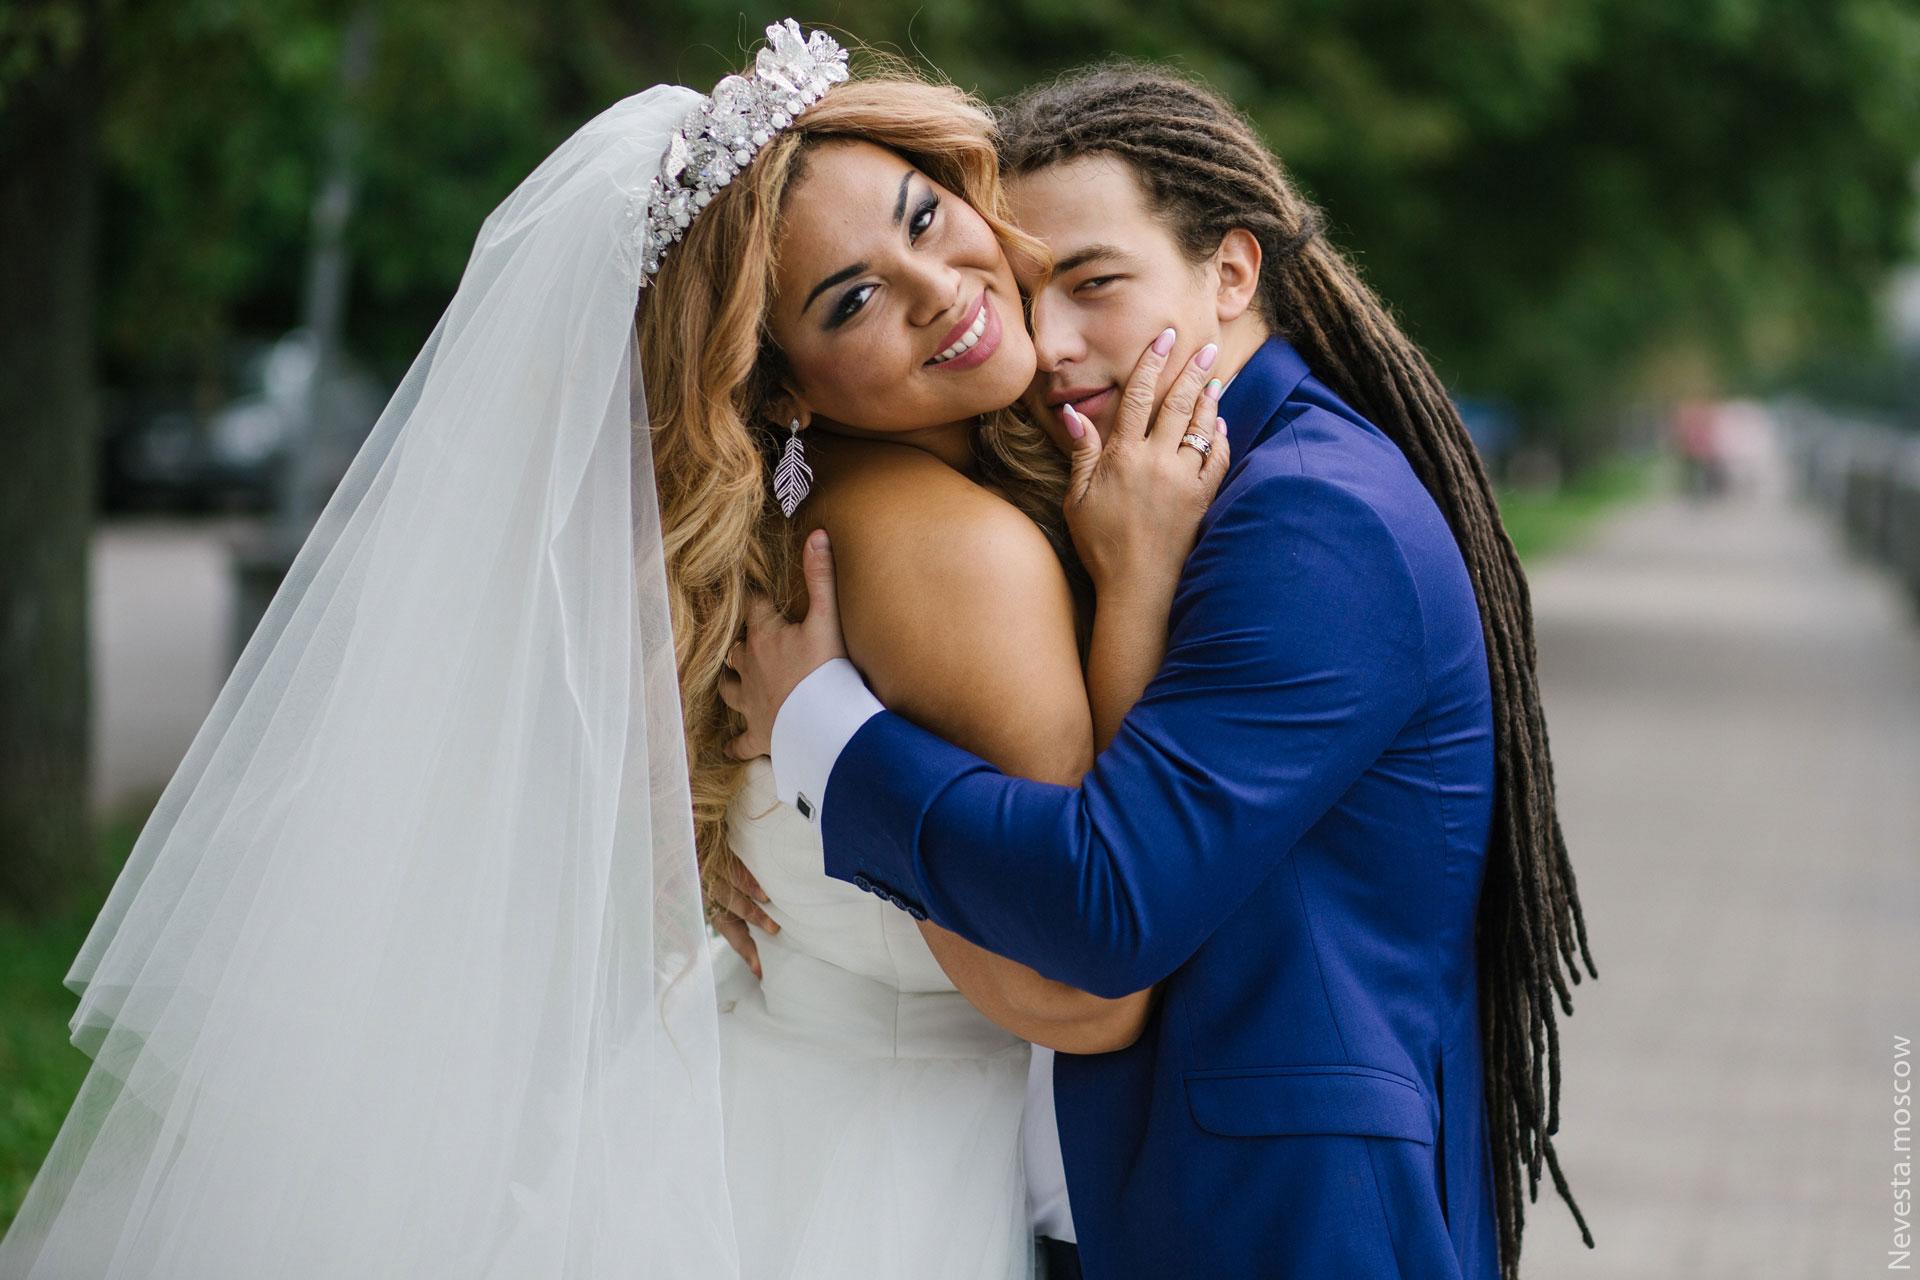 Экзотическая Ямайка. Свадьба Корнелии Манго и Богдана Дюрдя фото 9